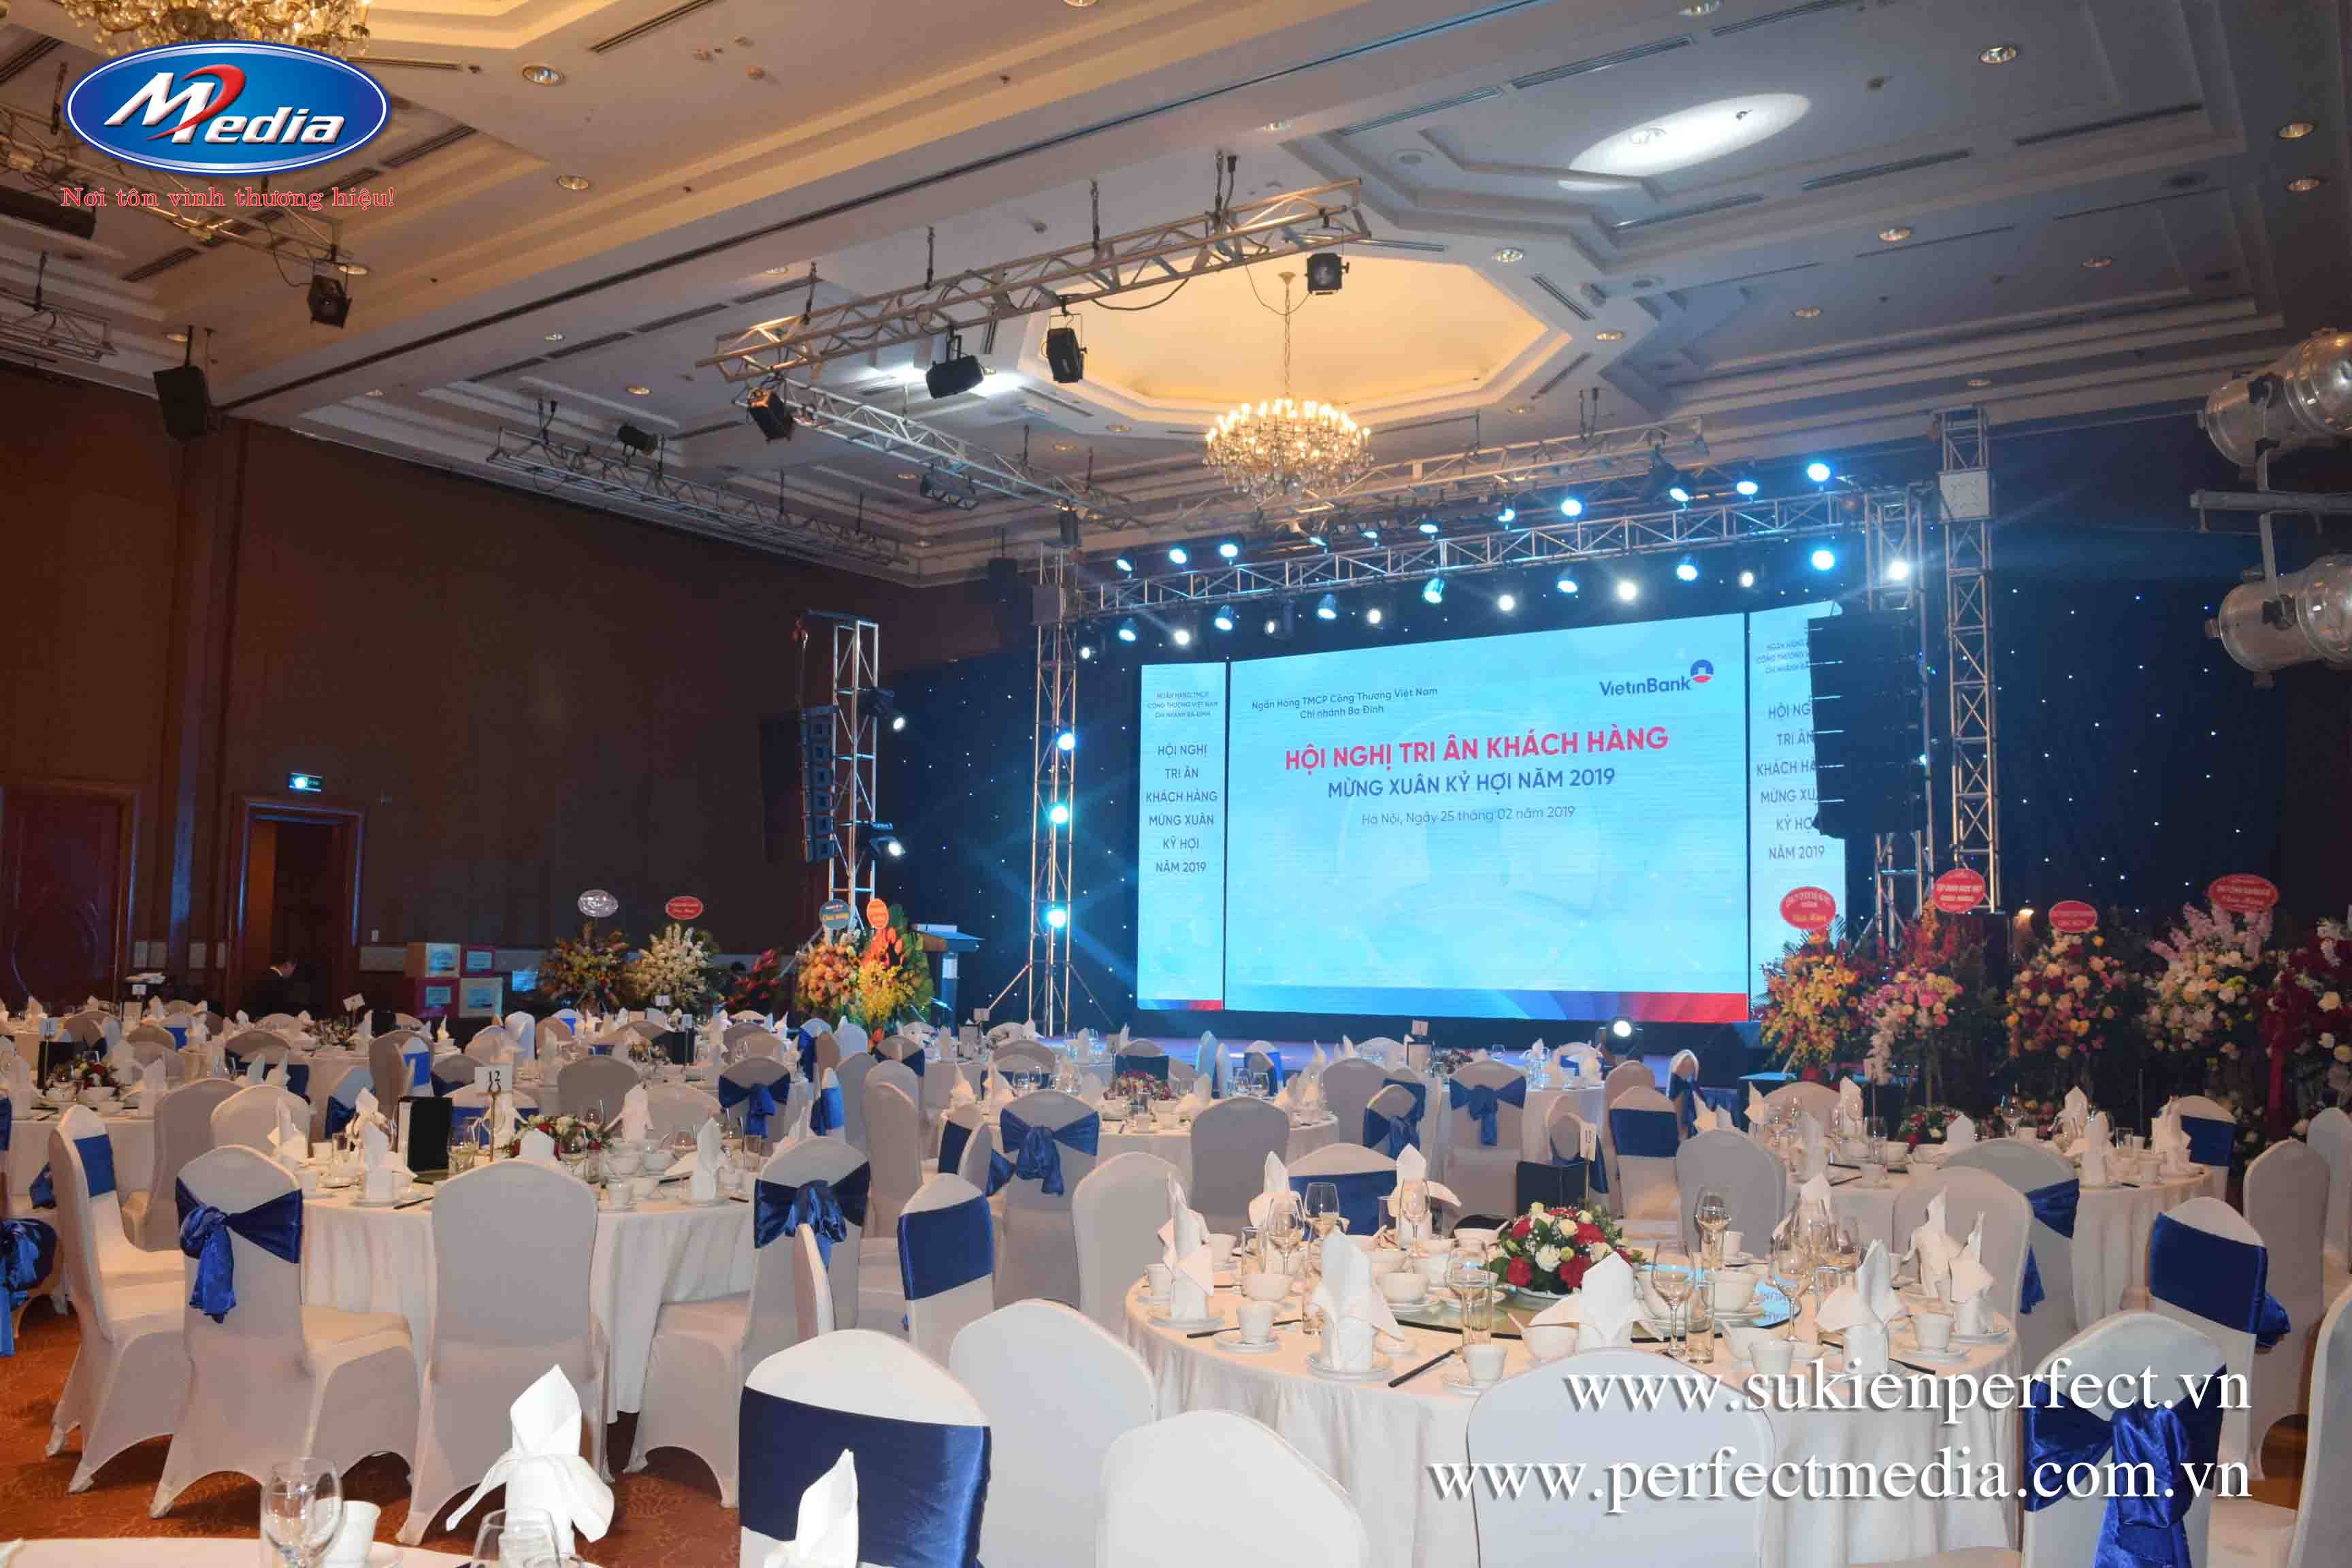 tổ chức hội nghị tri ân khách hàng tại Hải Dương